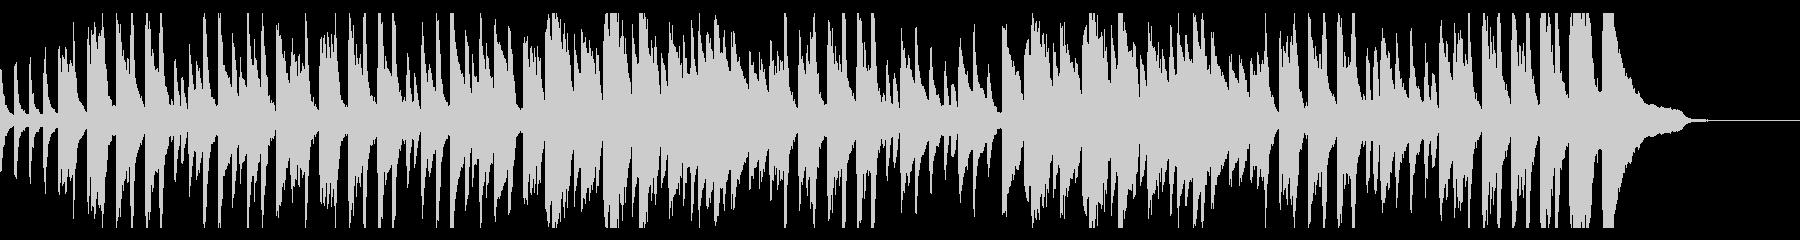 ピアノ練習曲/ブルグミュラーアラベスクの未再生の波形